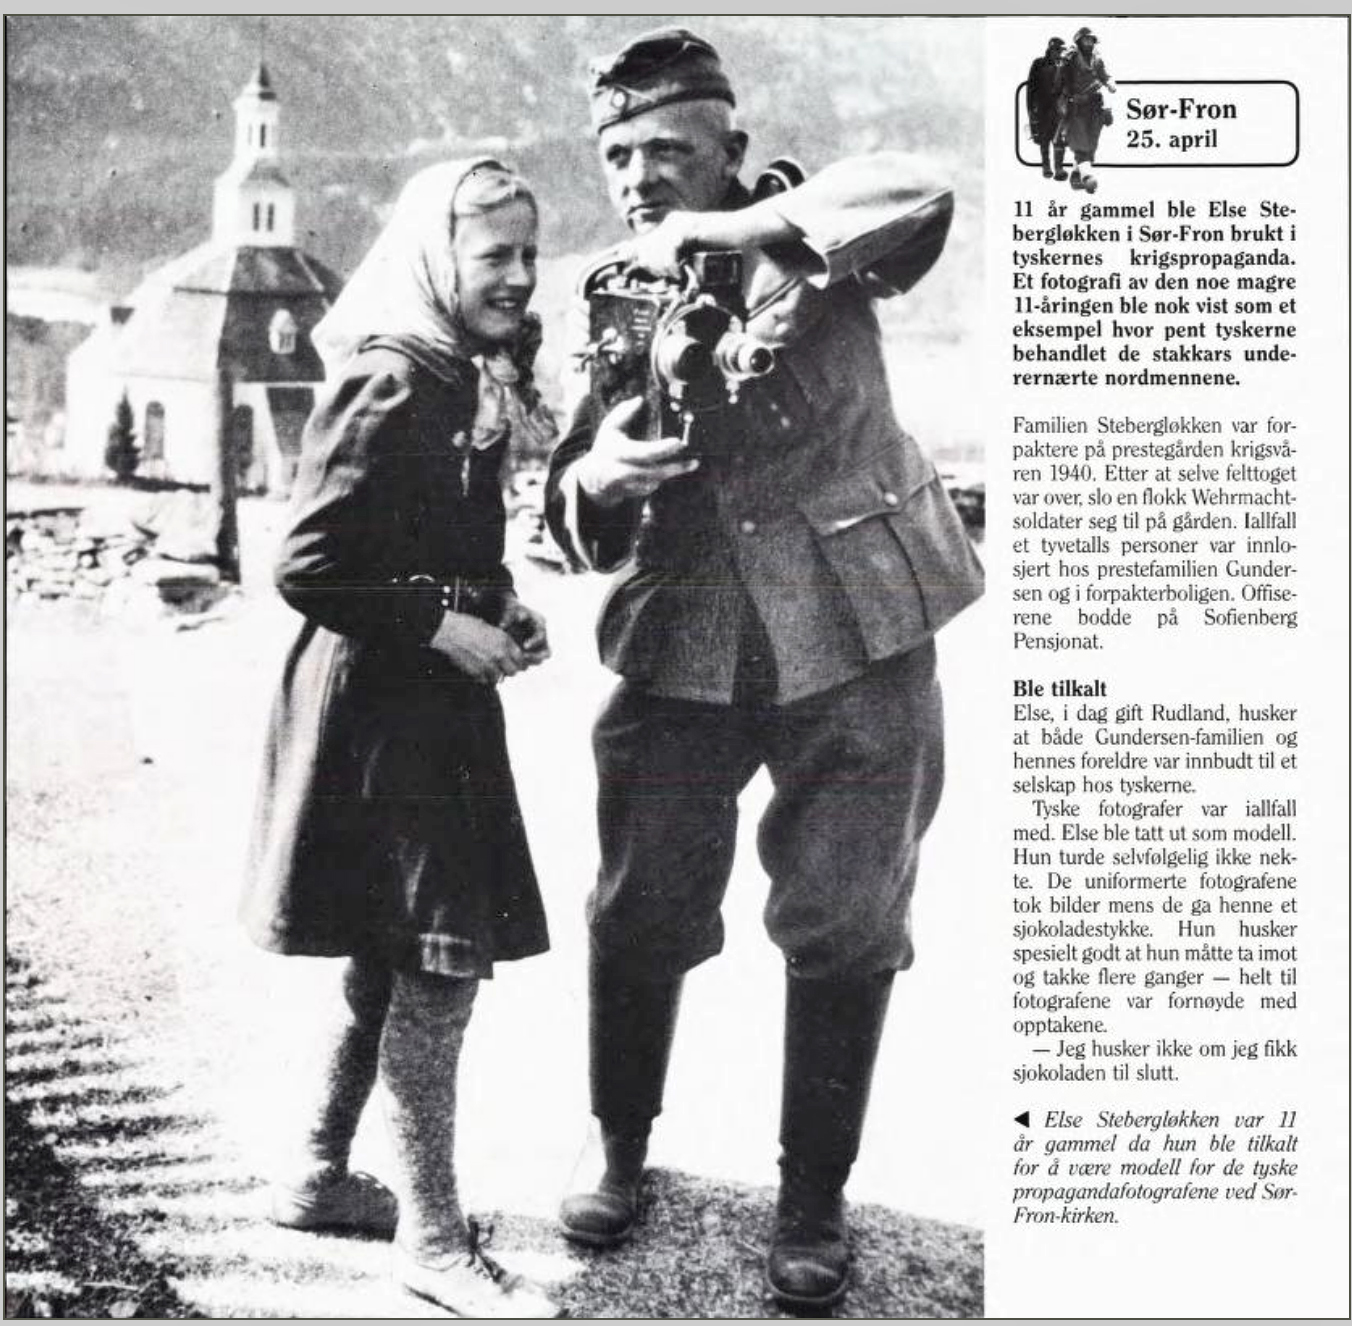 tysk propaganda